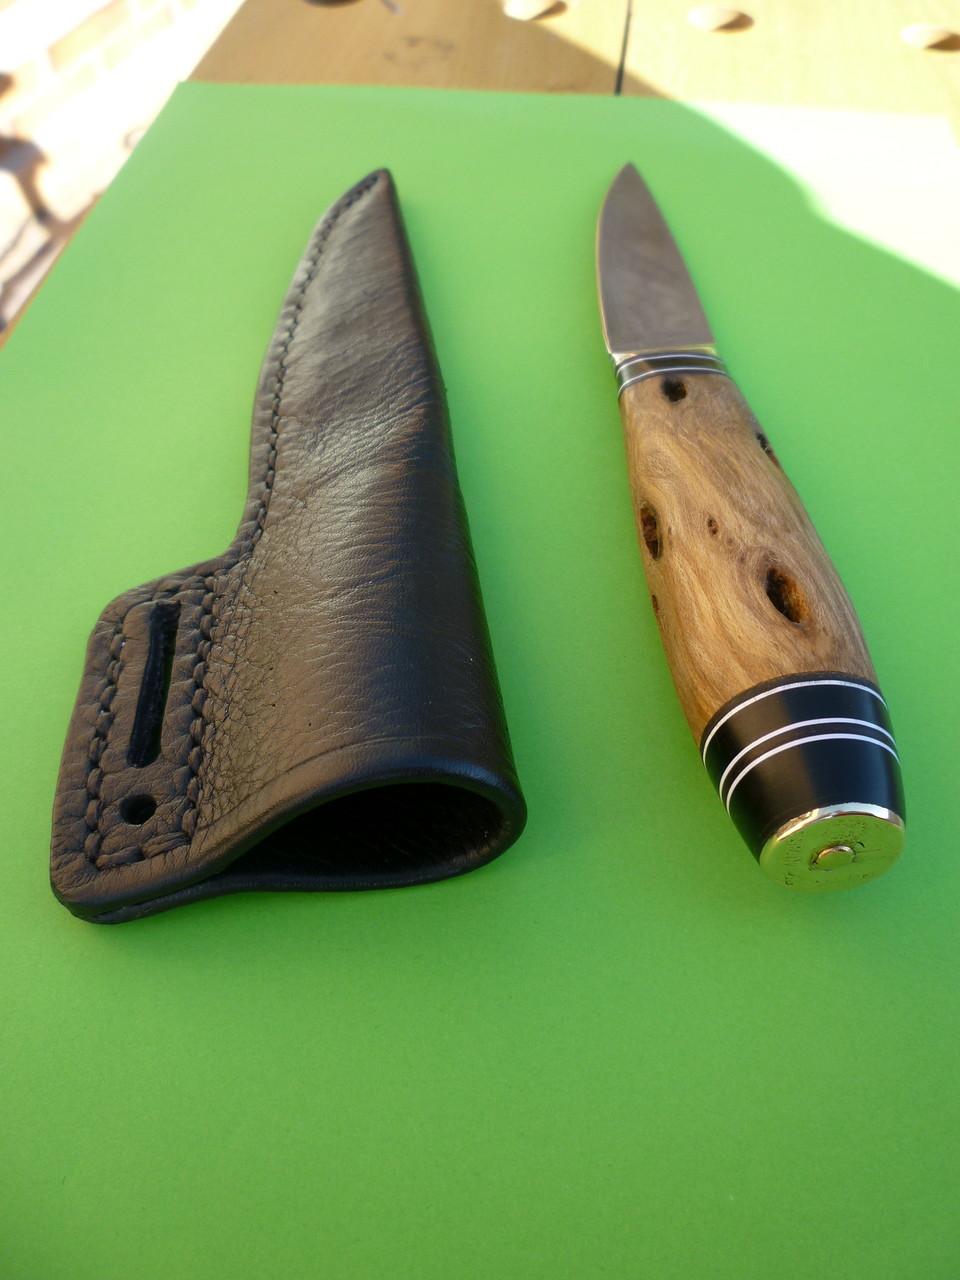 Cuchillo de puntilla de Ikea. 2E6036B038295FC23B232D5FC23ADF